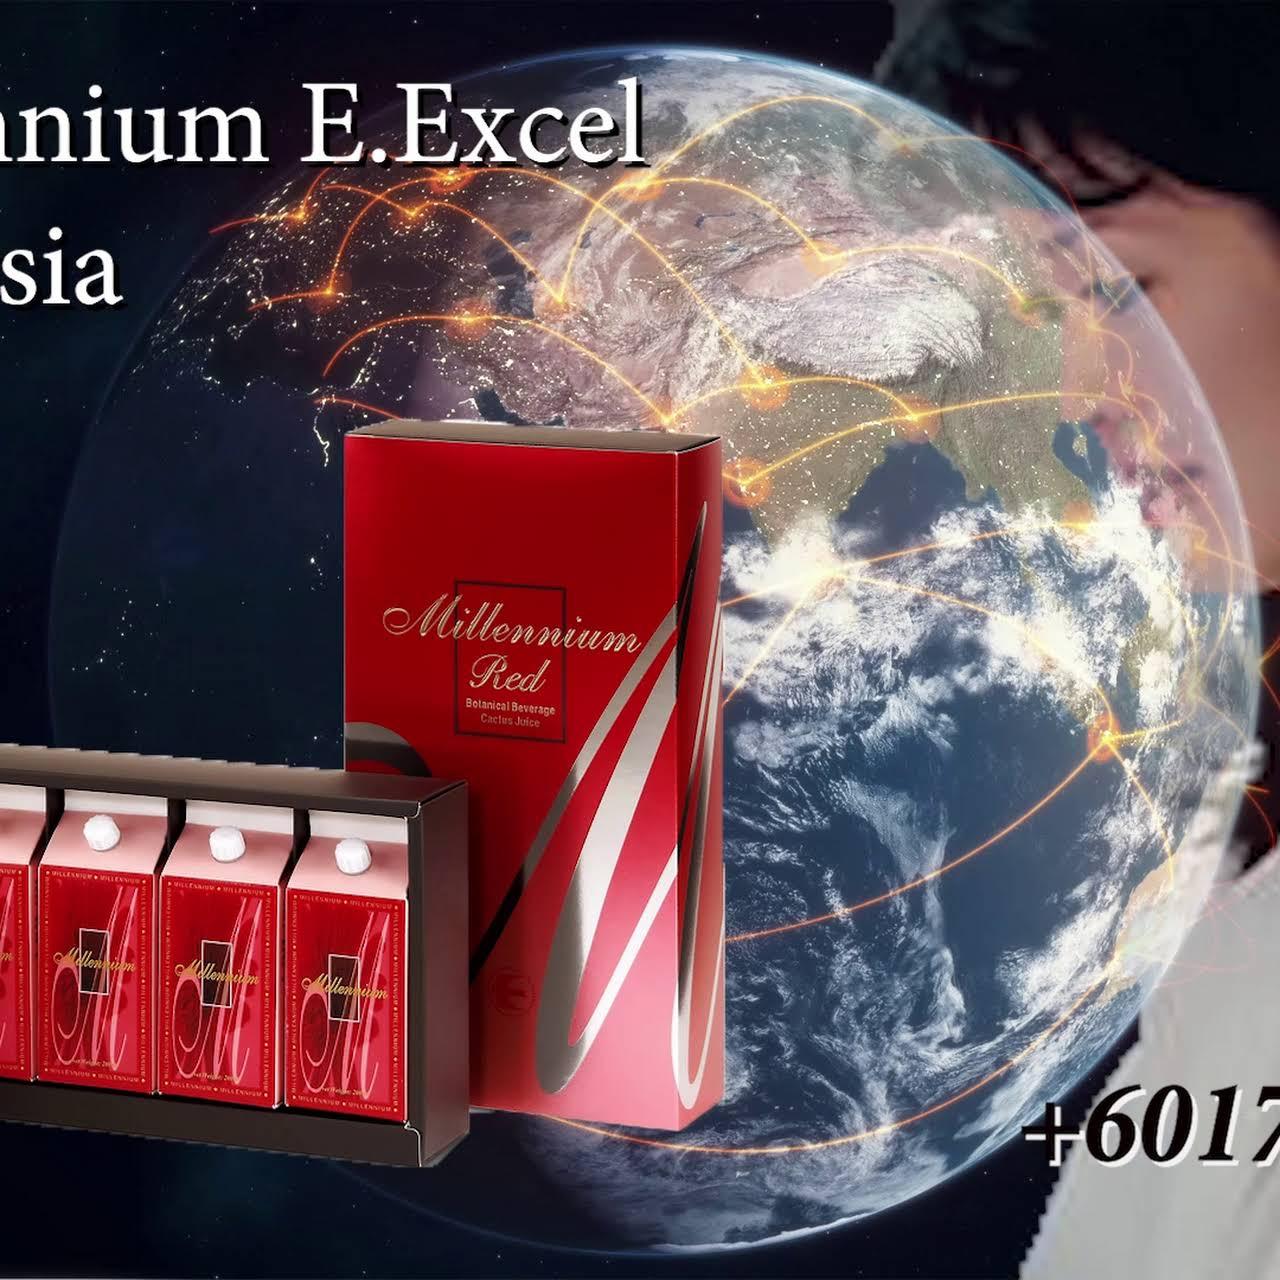 MILLENNIUM千禧泉 - Millennium E Excel Malaysia